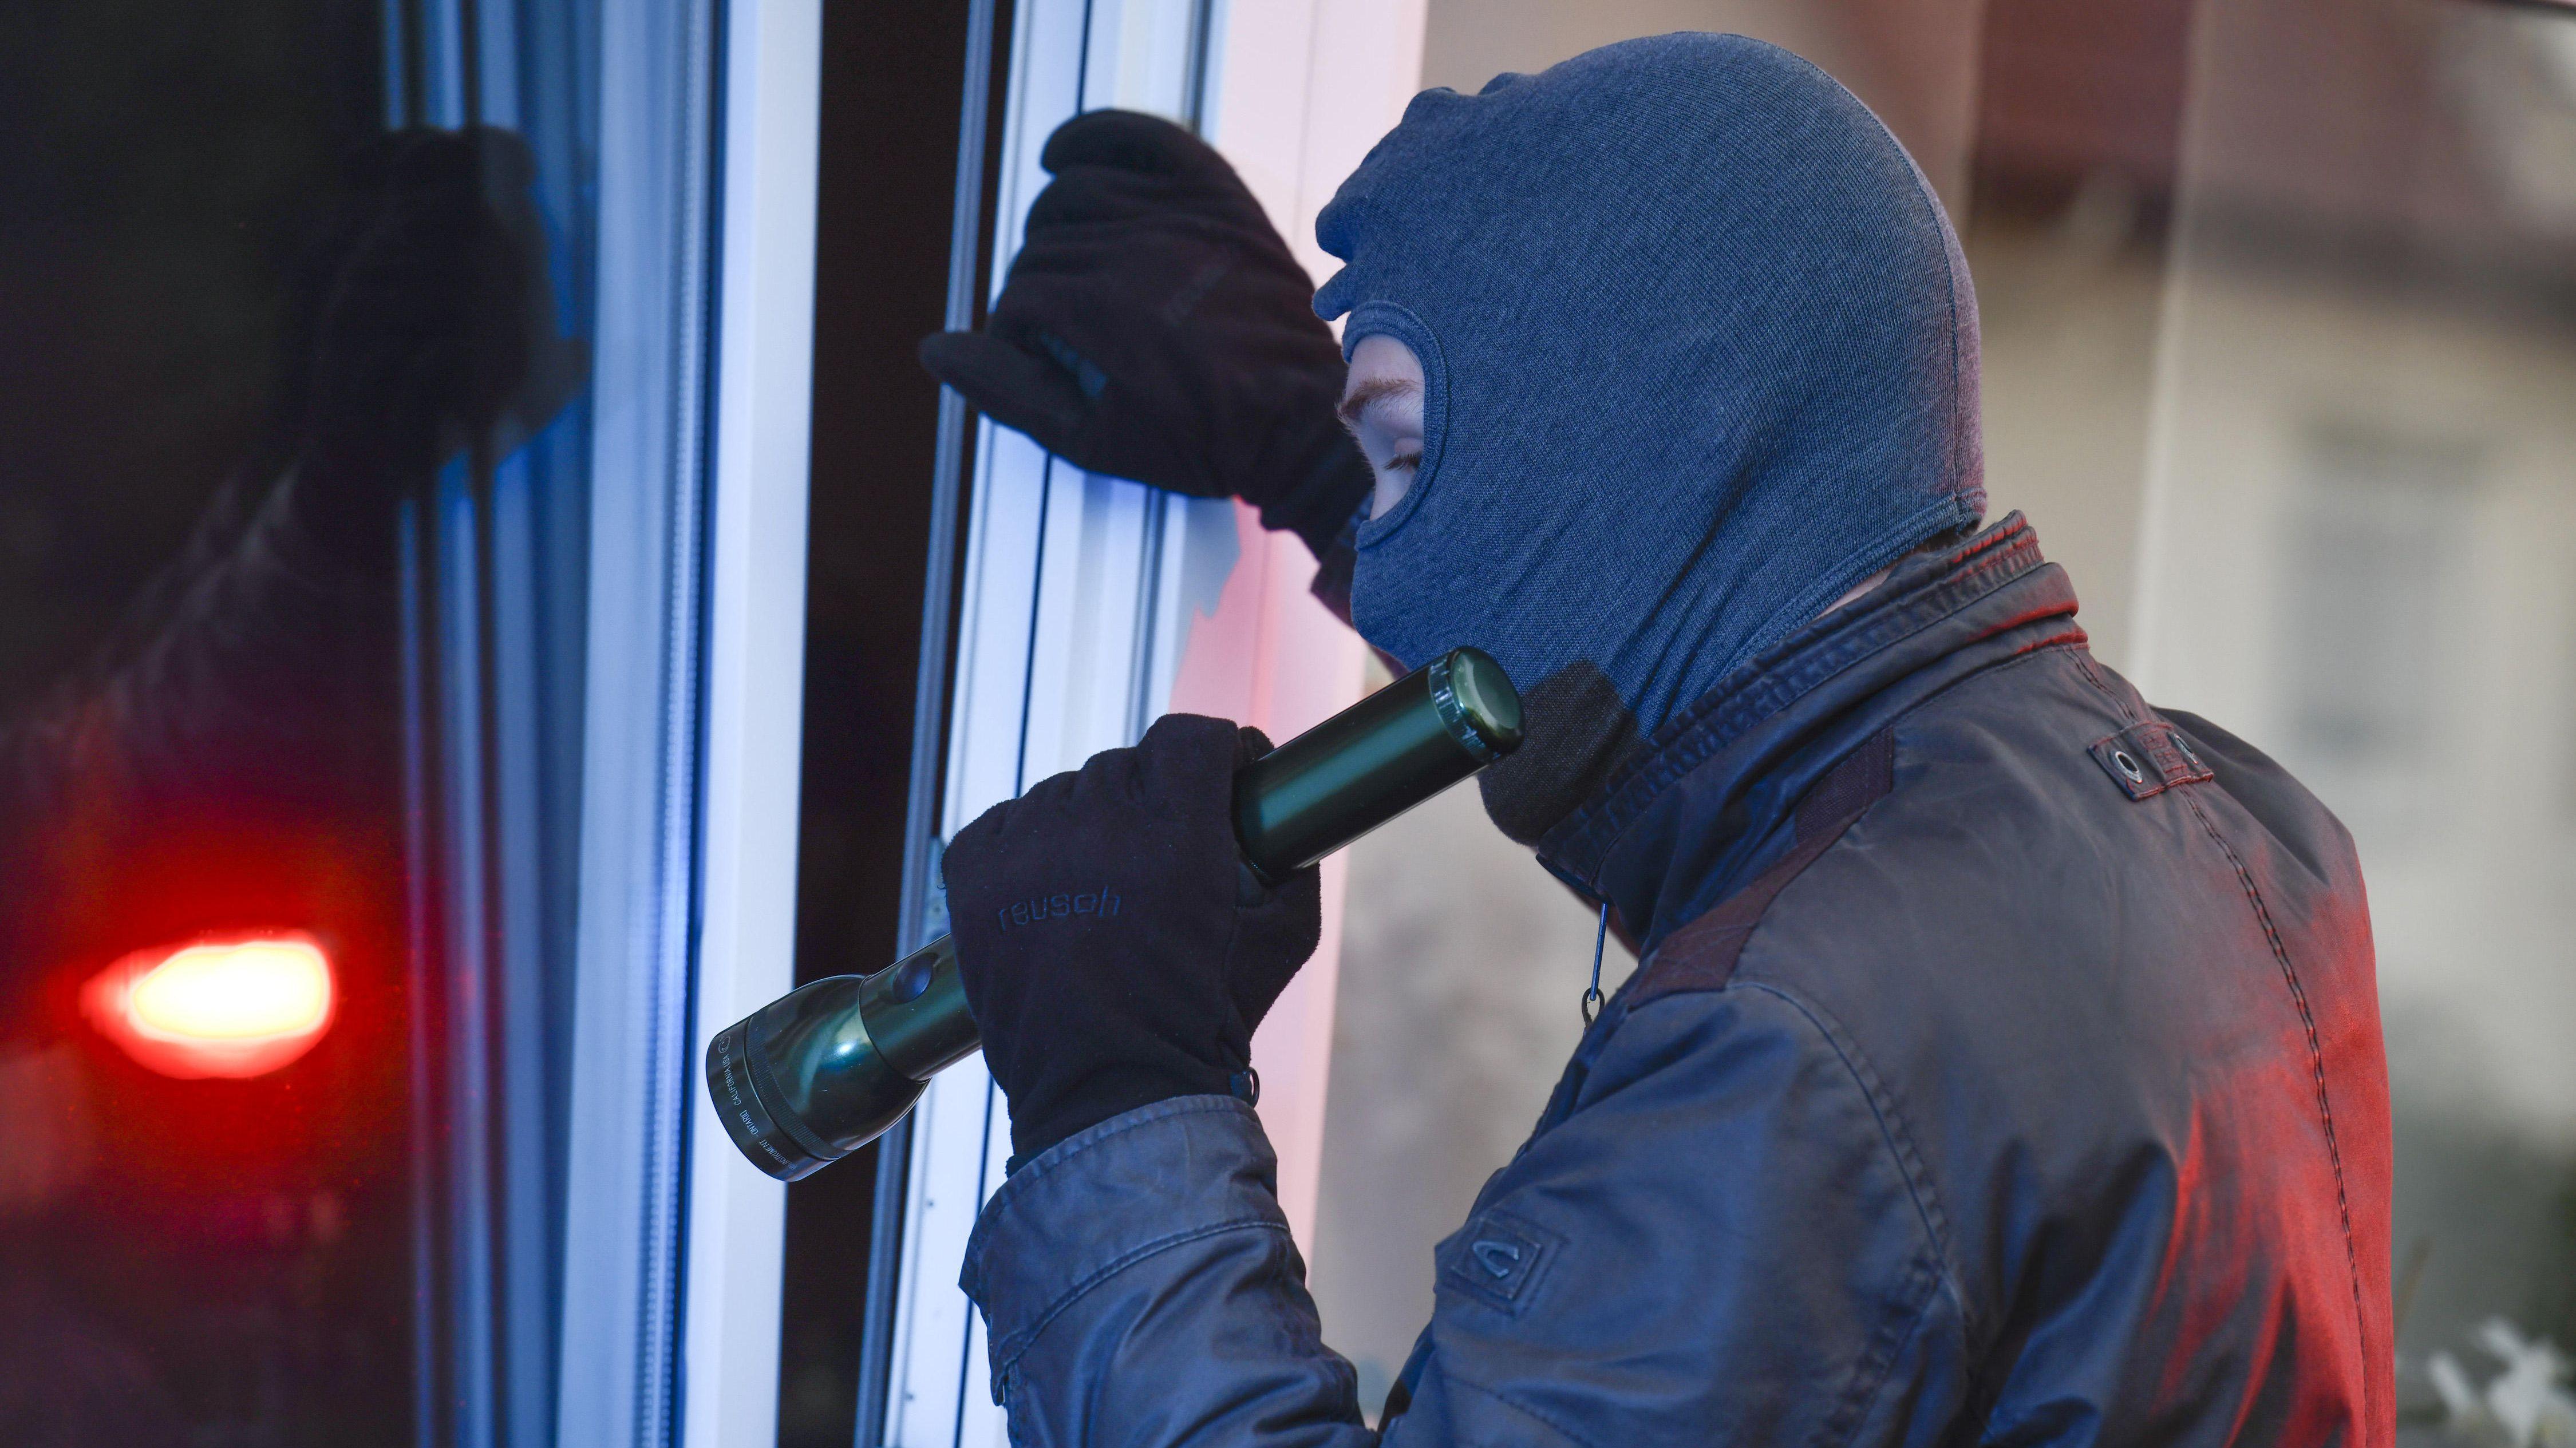 Ein maskierter Mann steht mit einer Taschenlampe vor einem Fenster